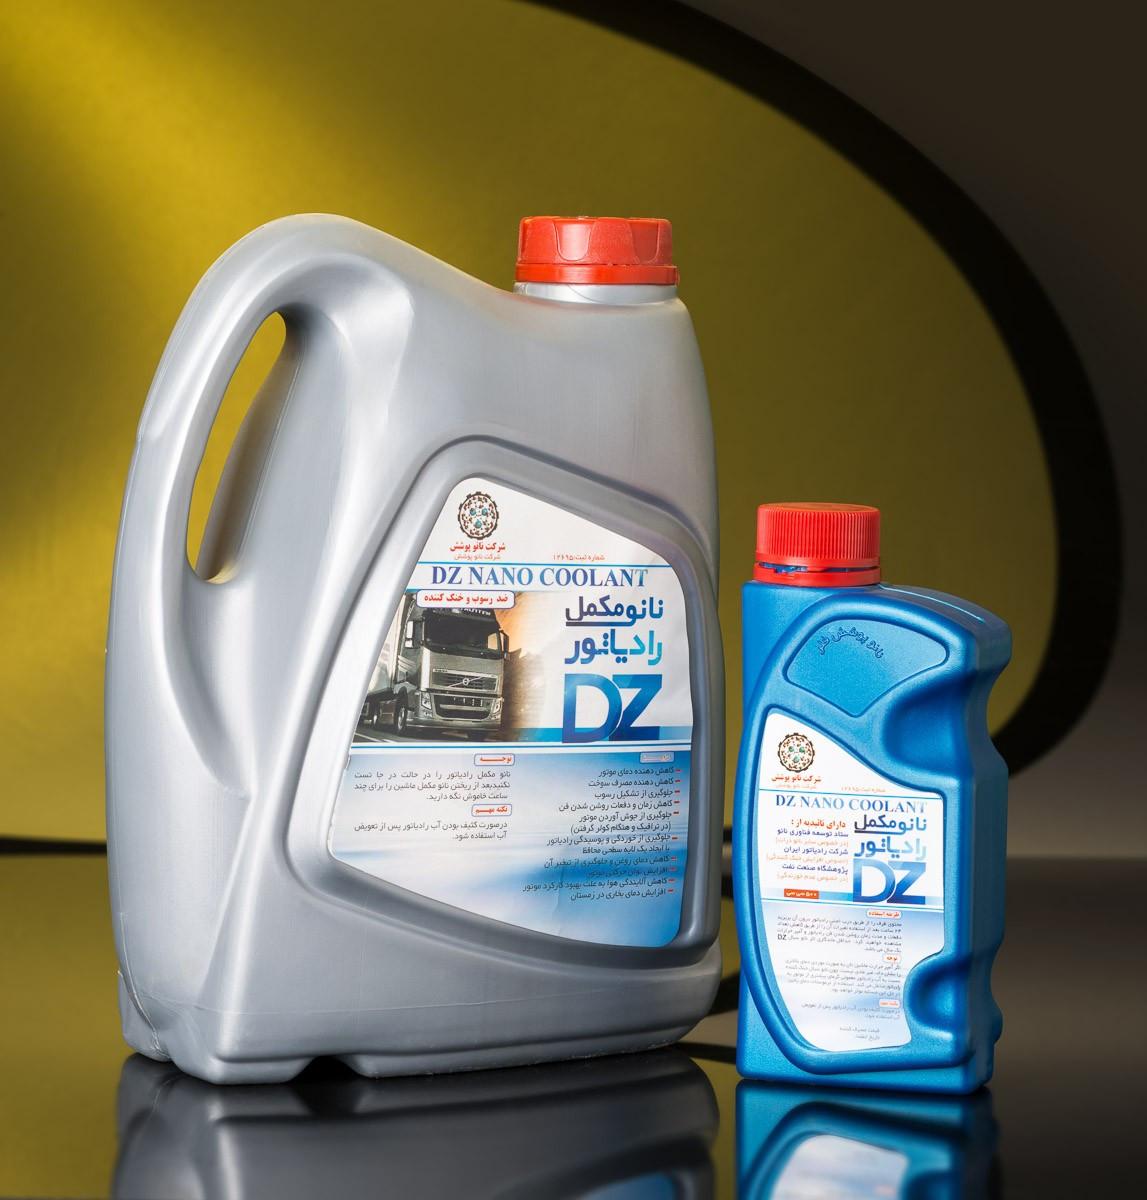 افزودنی خنککننده آب رادیاتور (کولانت DZ)